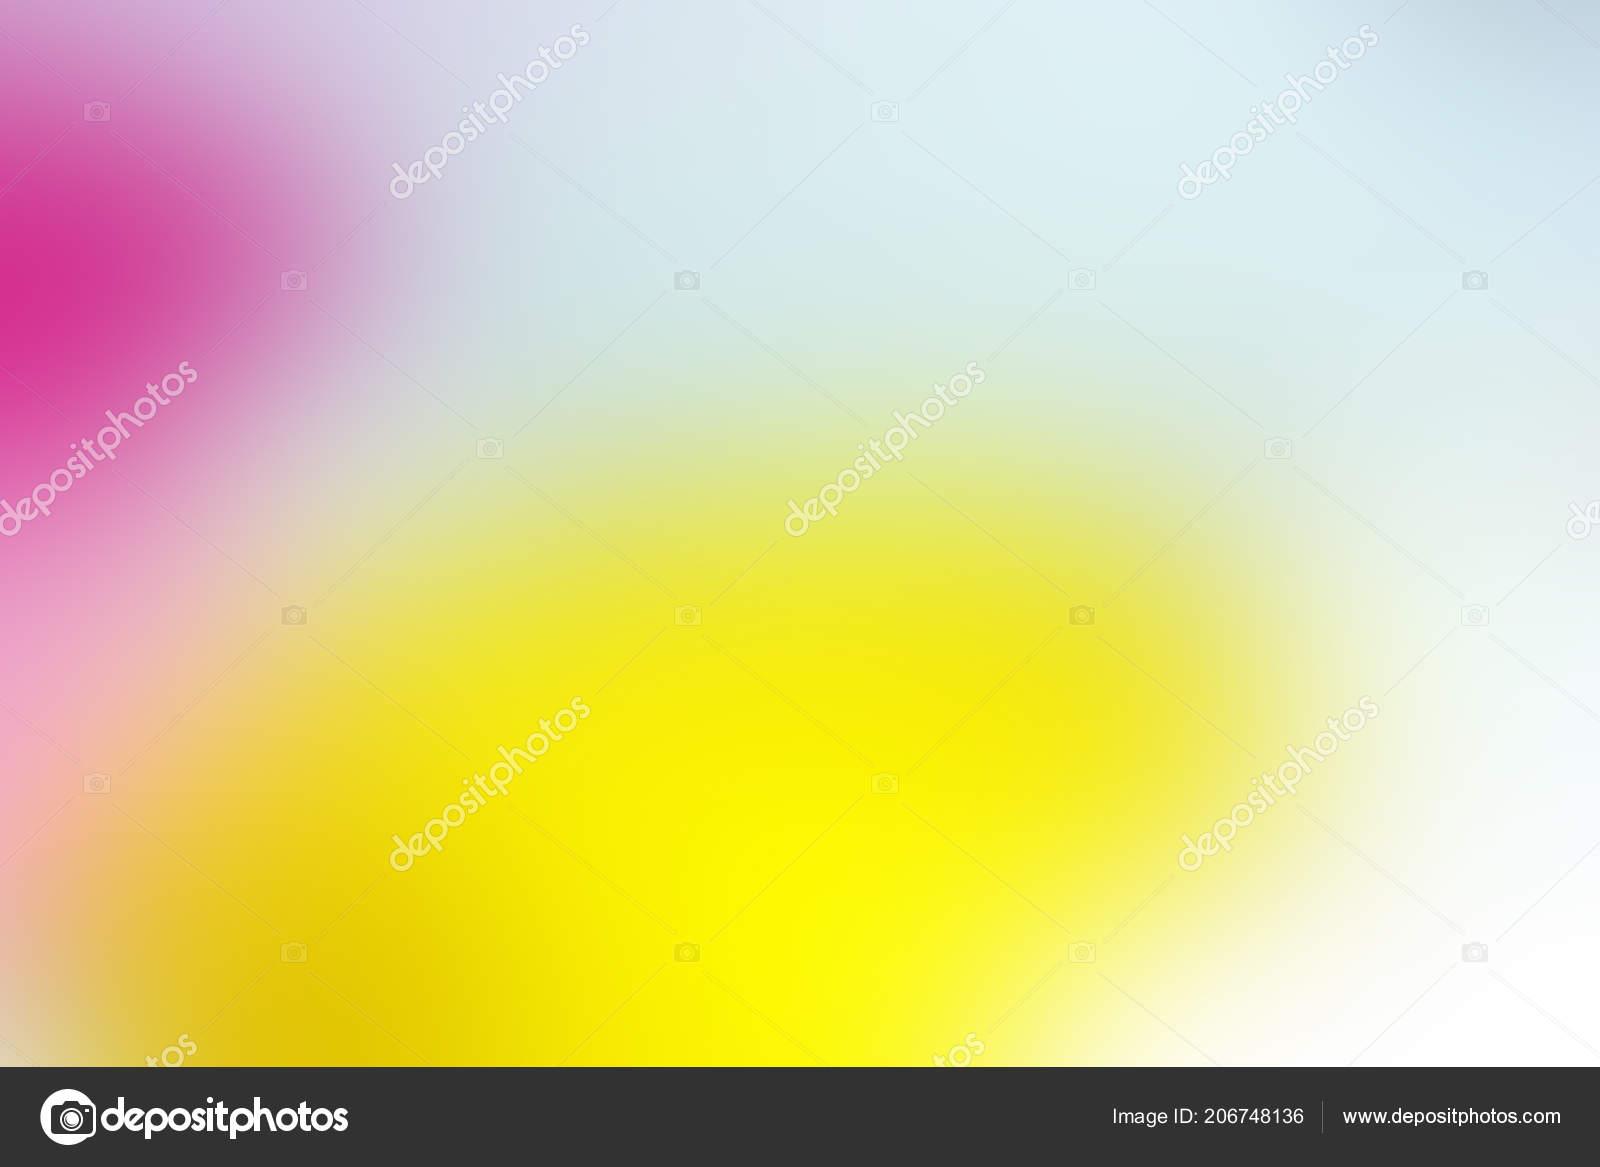 抽象的なパステル ソフト カラフルな滑らかな黄色の色でトーンダウン